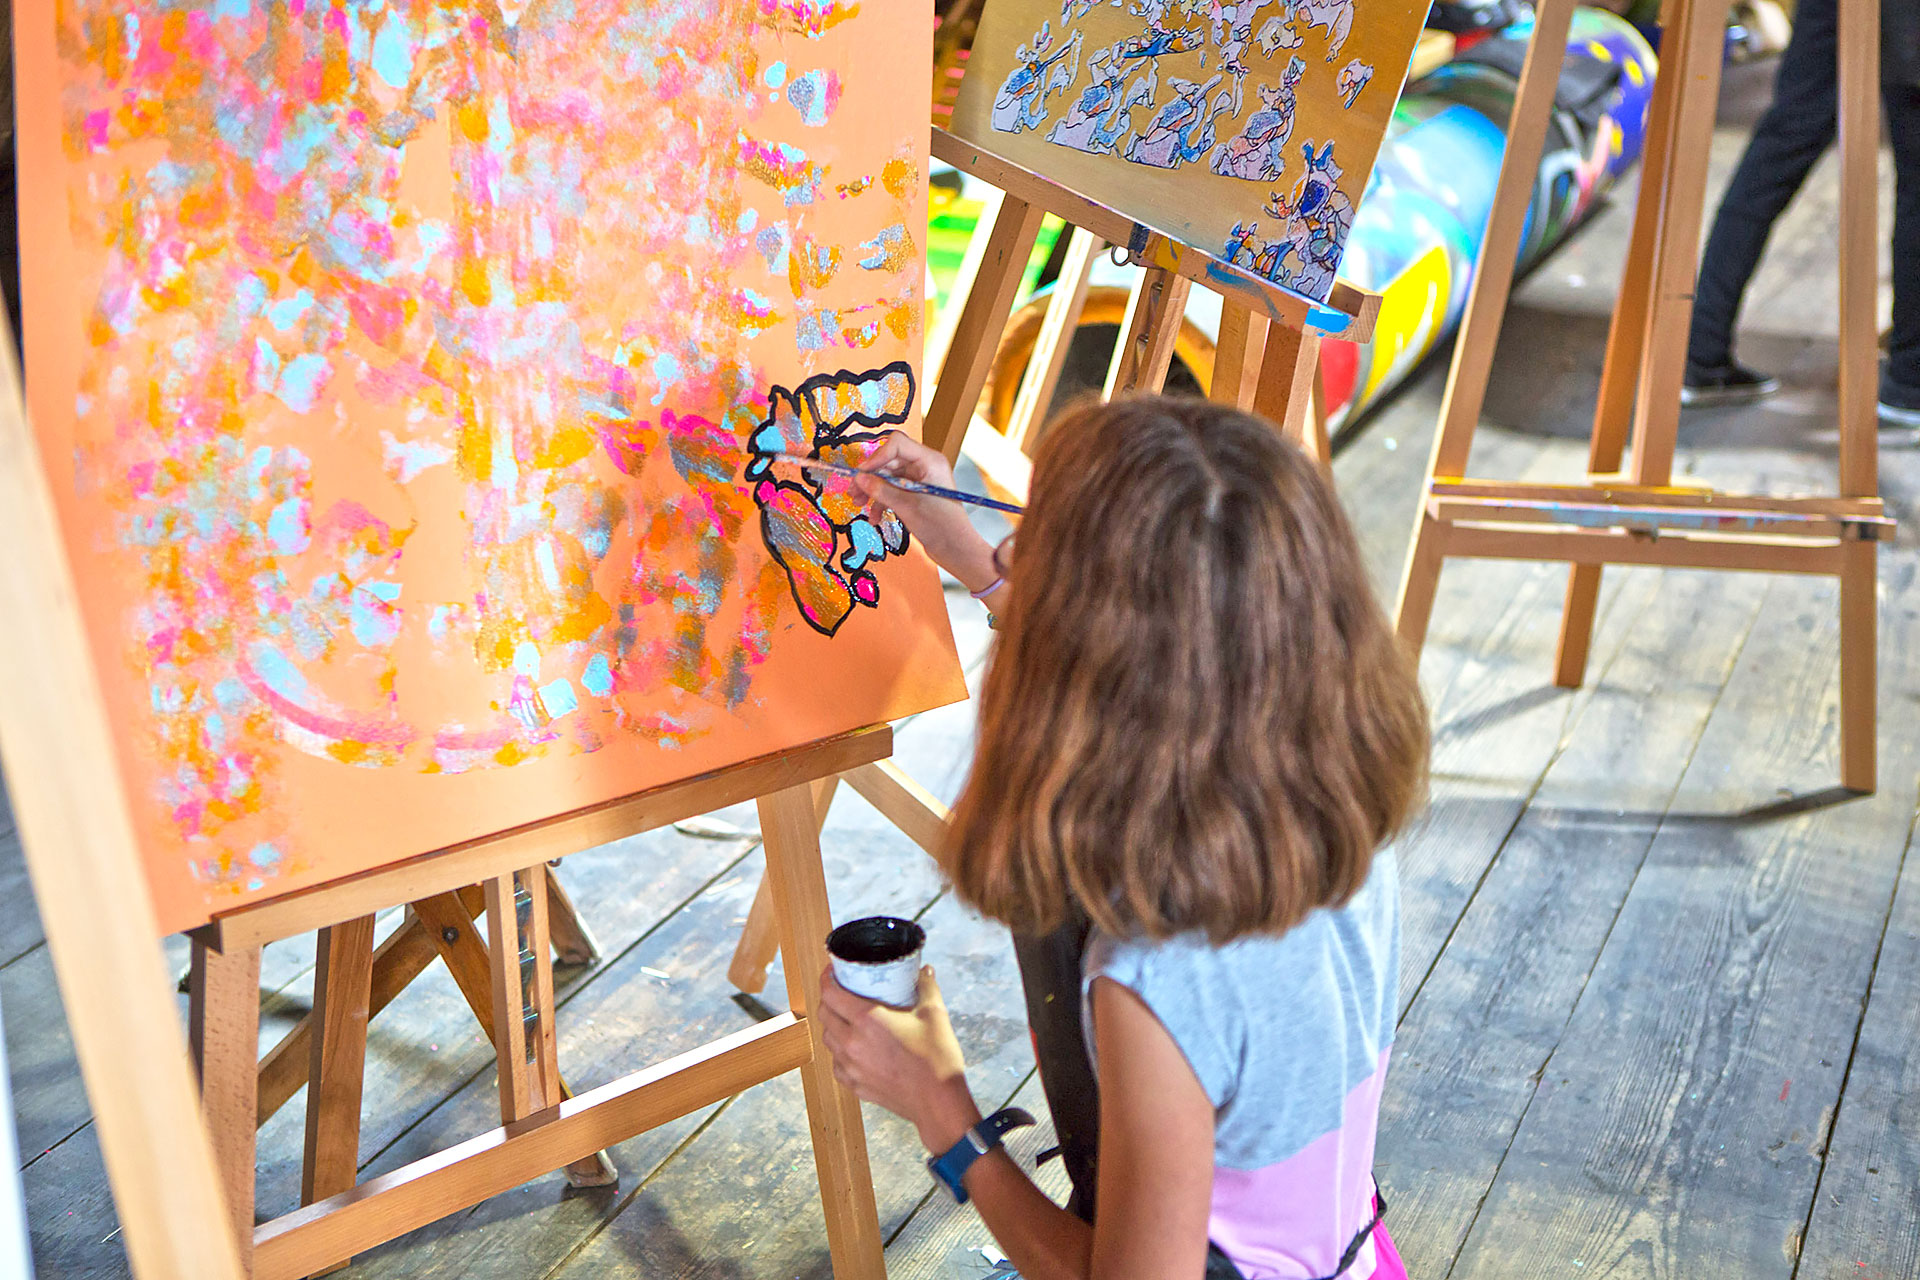 Schülerin malt ein Bild im Kunstatelier